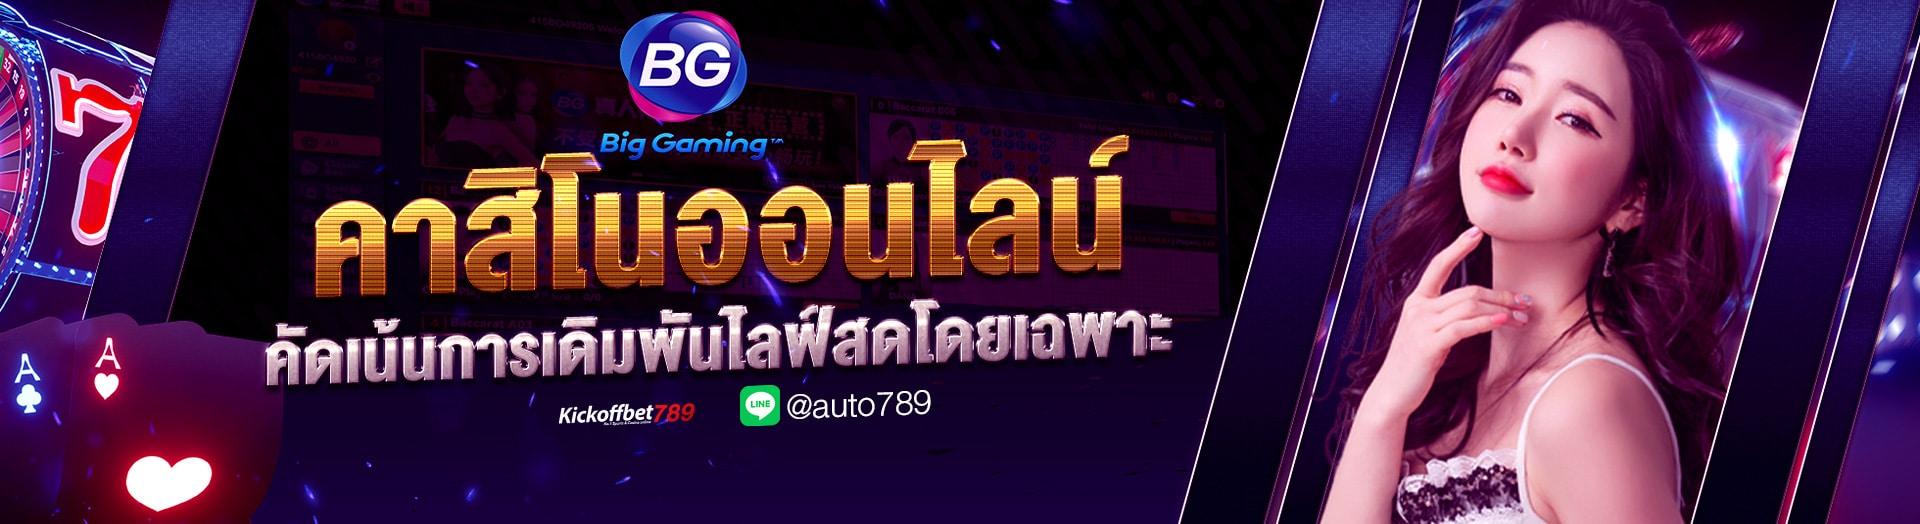 BG Gaming-ปก2